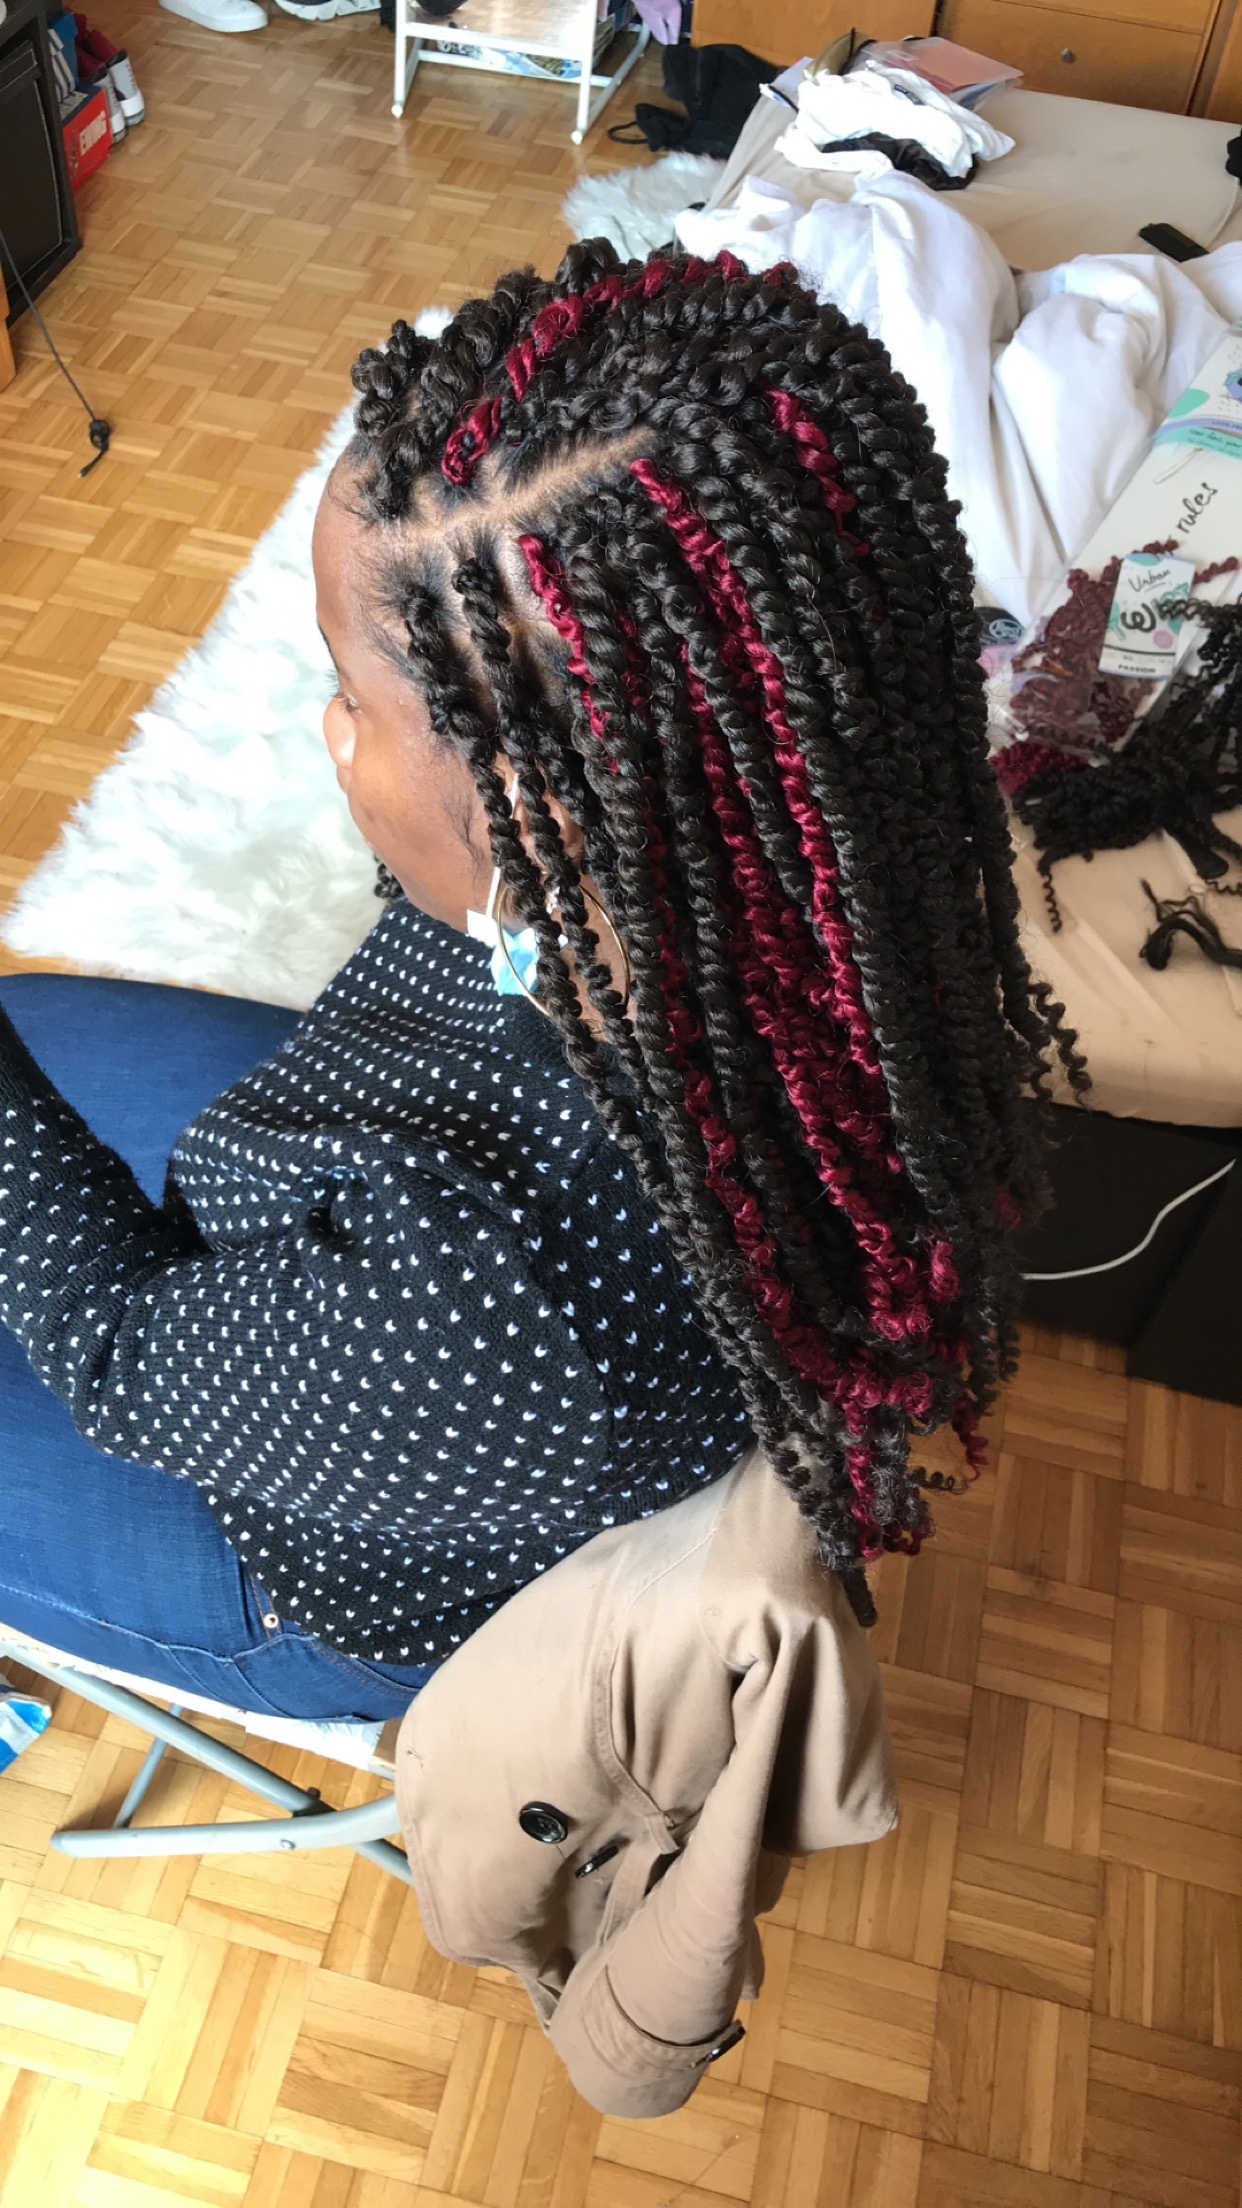 salon de coiffure afro tresse tresses box braids crochet braids vanilles tissages paris 75 77 78 91 92 93 94 95 OYXAAUJE